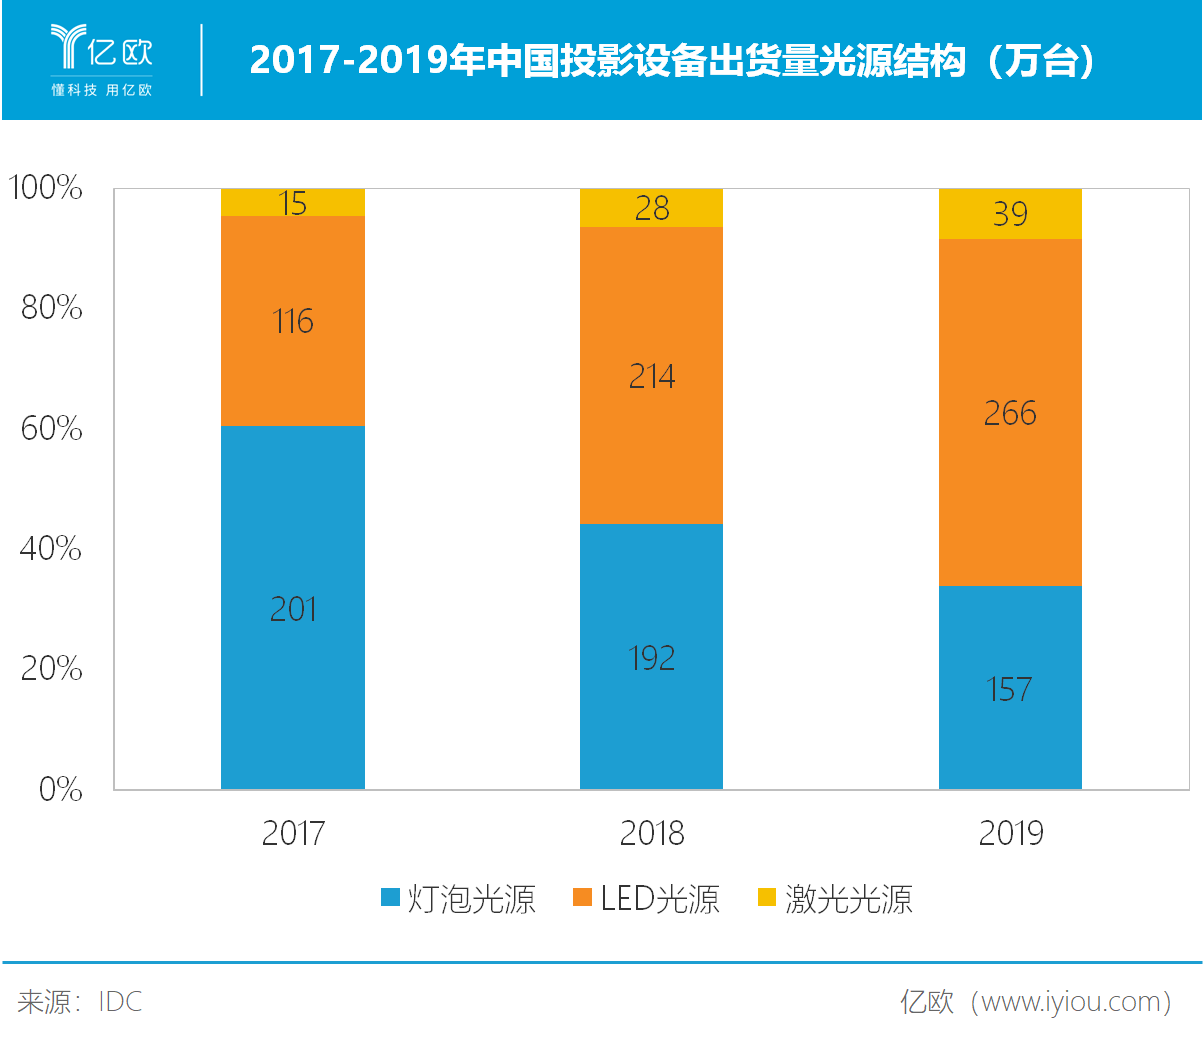 2017-2019年中国投影设备出货量光源结构